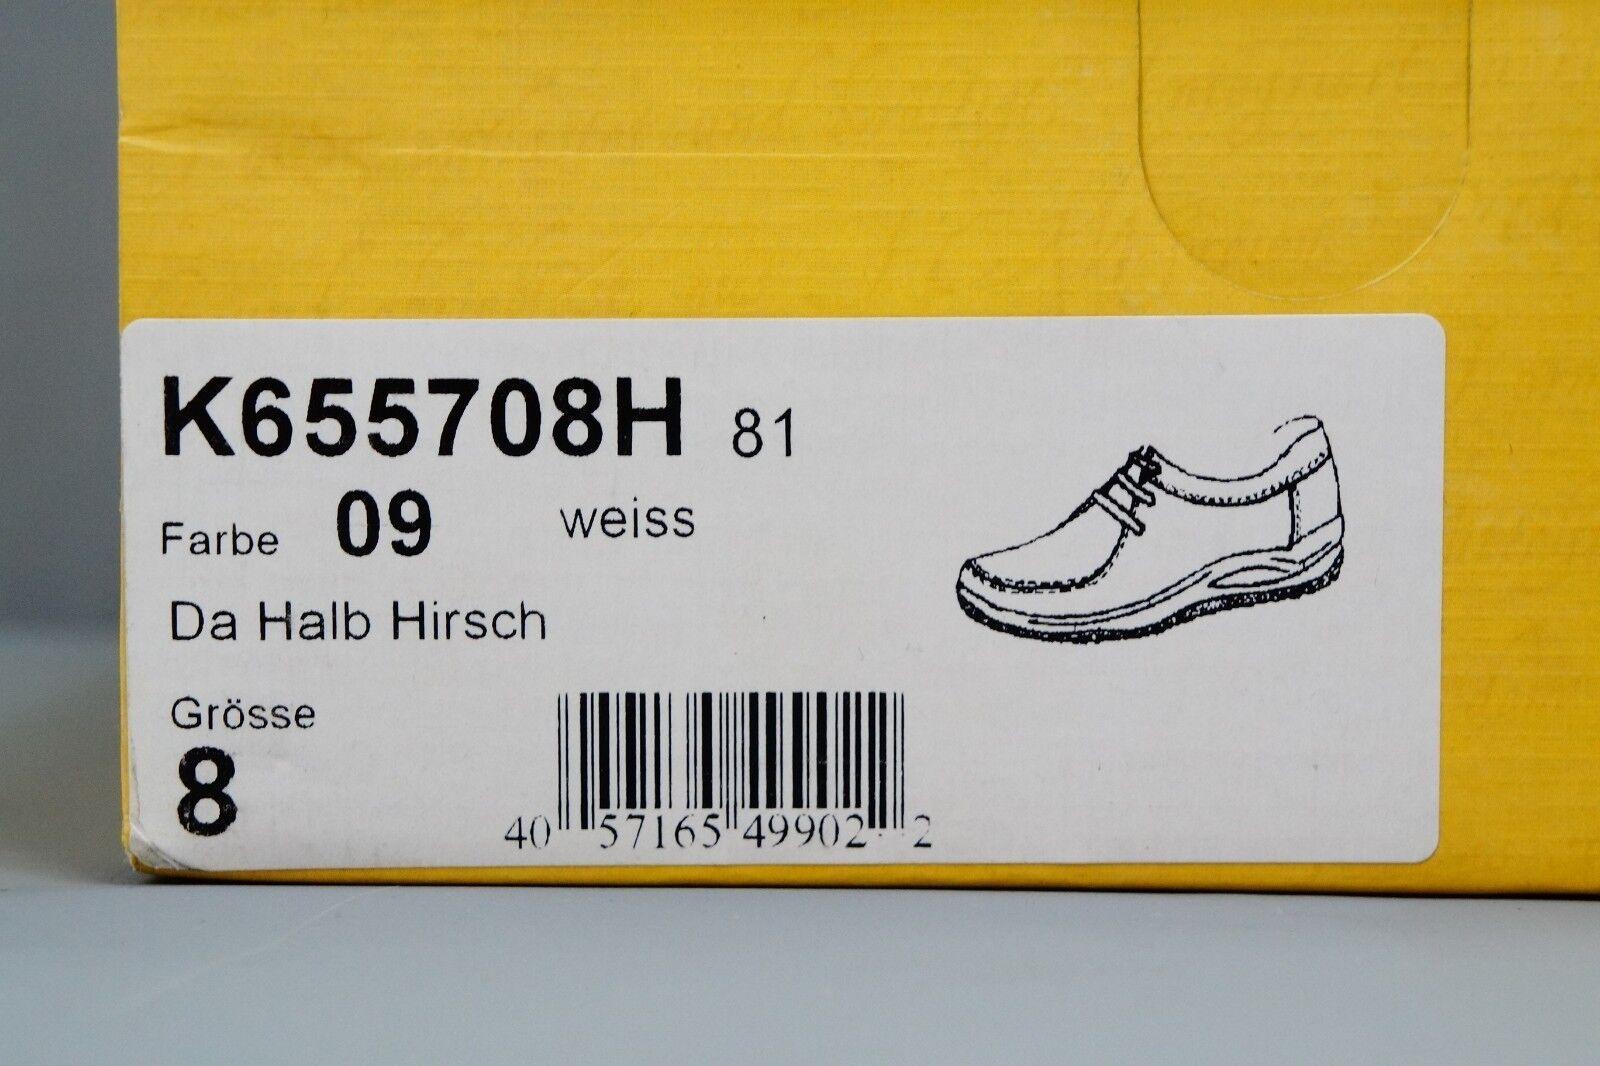 Ströber Herren Halbschuh Halbschuh Halbschuh Schnür Schuhe Da Halb Hirsch weiß Gr. 40,5 NEU  354    f5a1b1